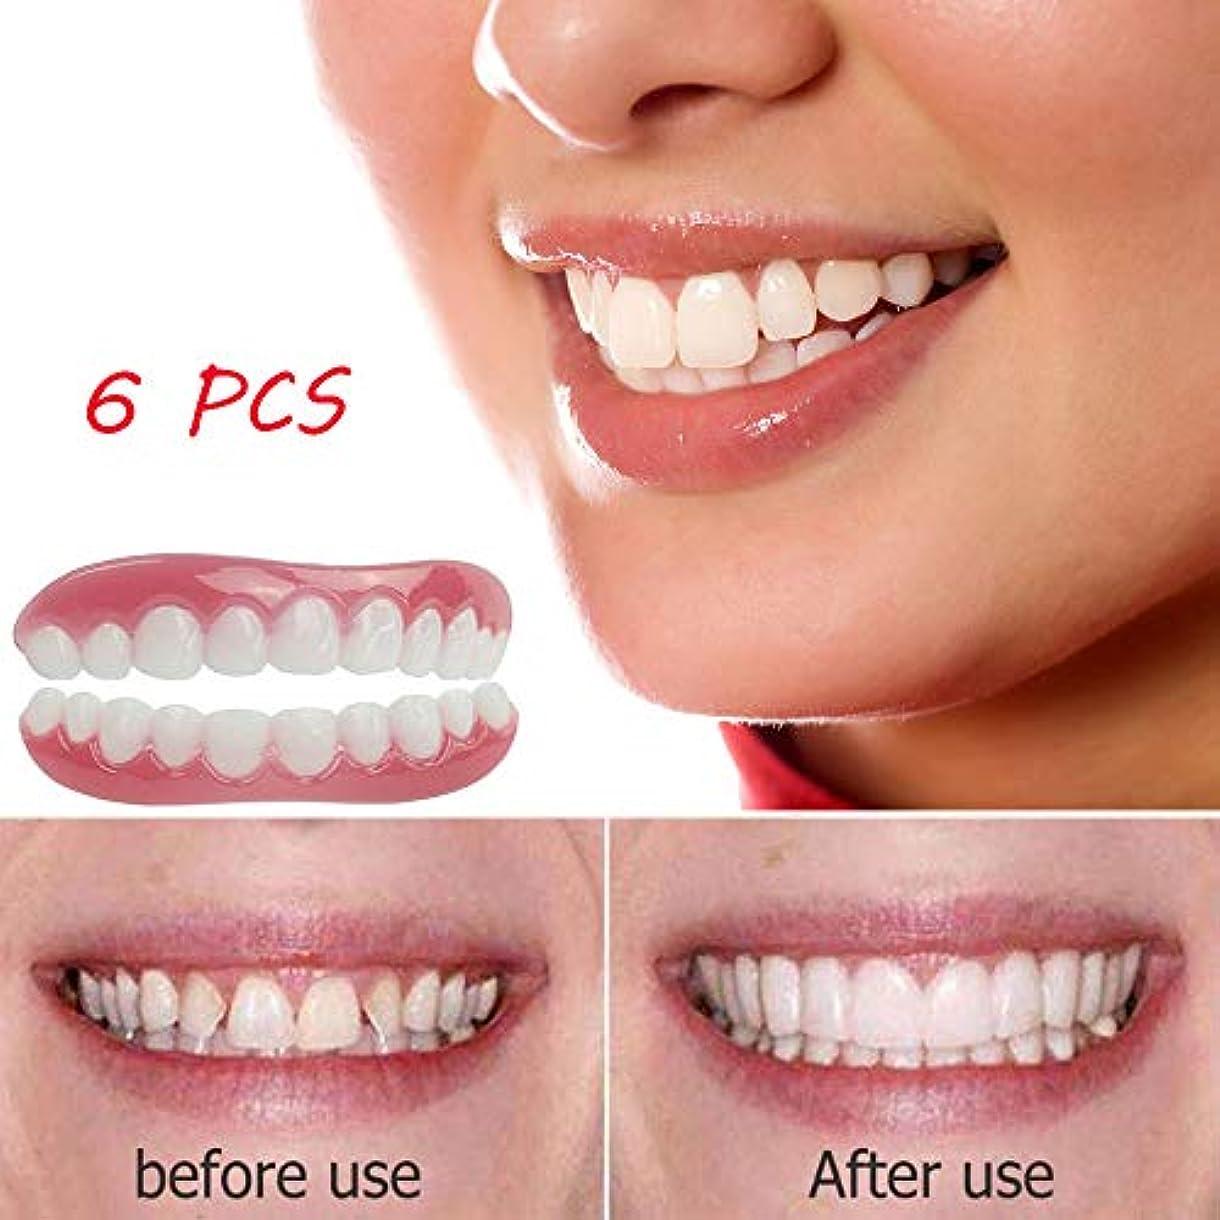 宗教自明証人完璧なインスタントスマイル6ピース快適さ上下の柔軟な歯ホワイトニング歯義歯義歯メイクアップデンタルカバー美容ツール